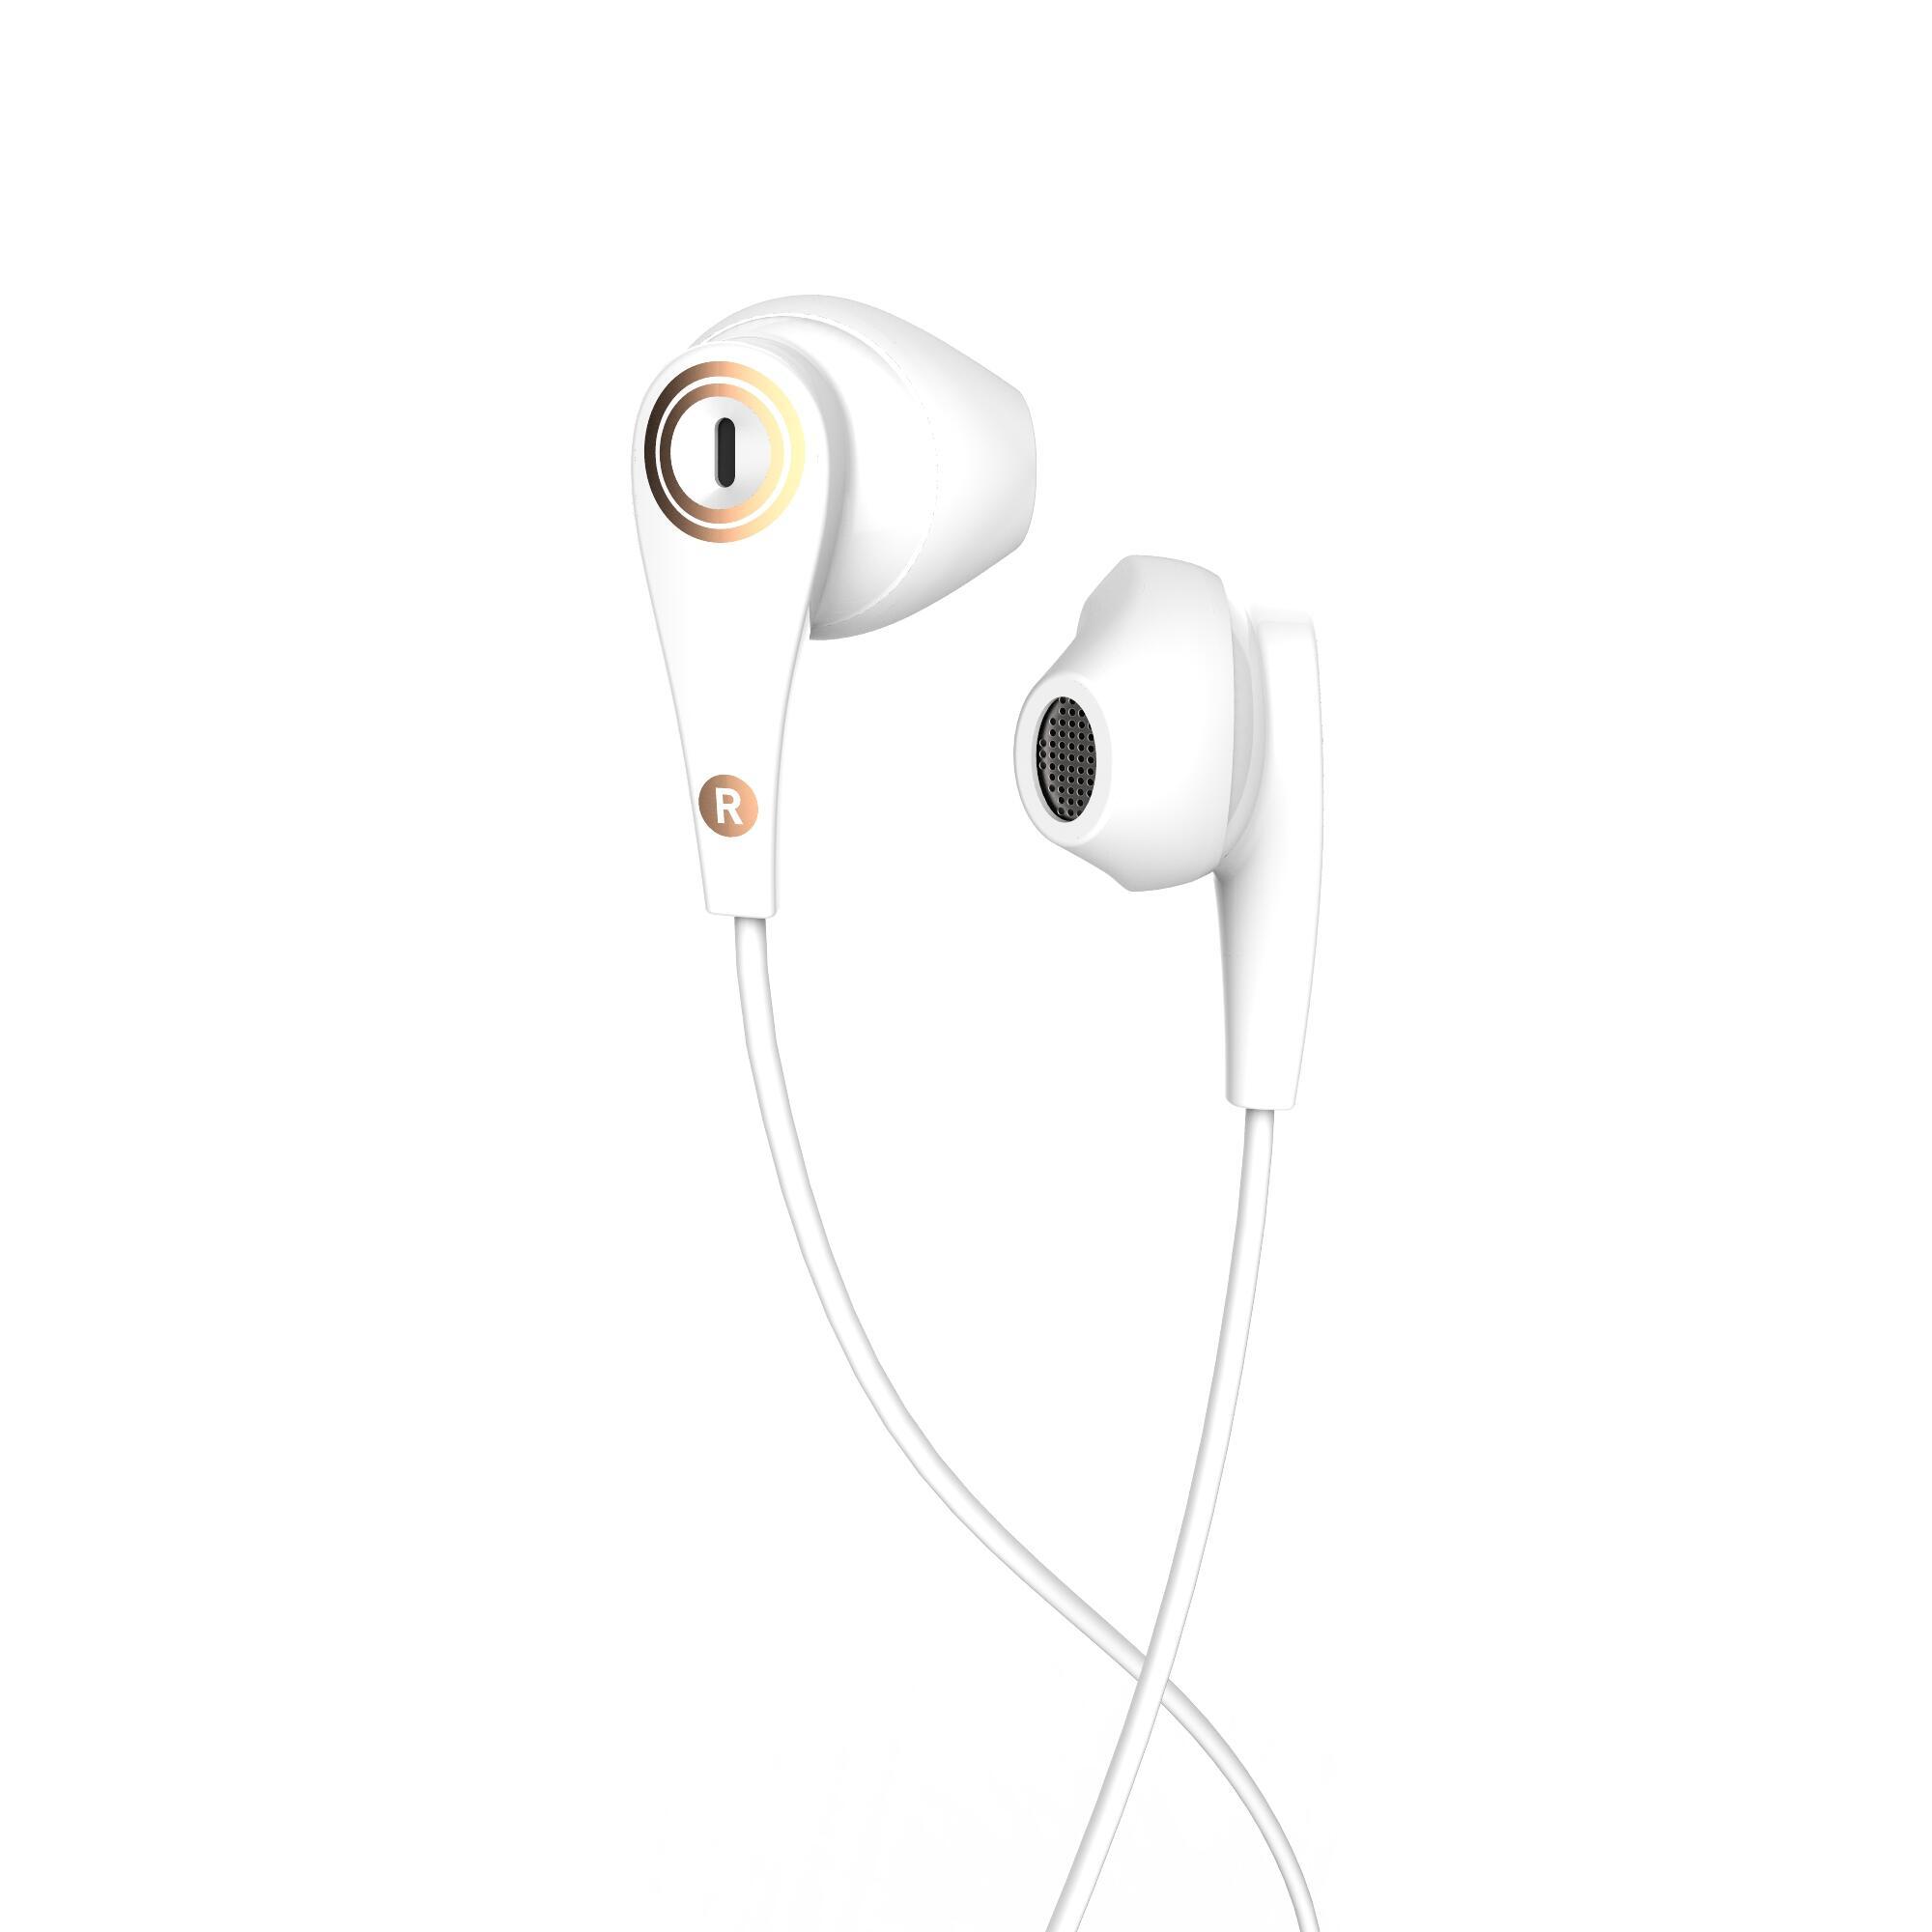 Audífonos deportivos con cables y micrófono ONear 300 Azul Blanco